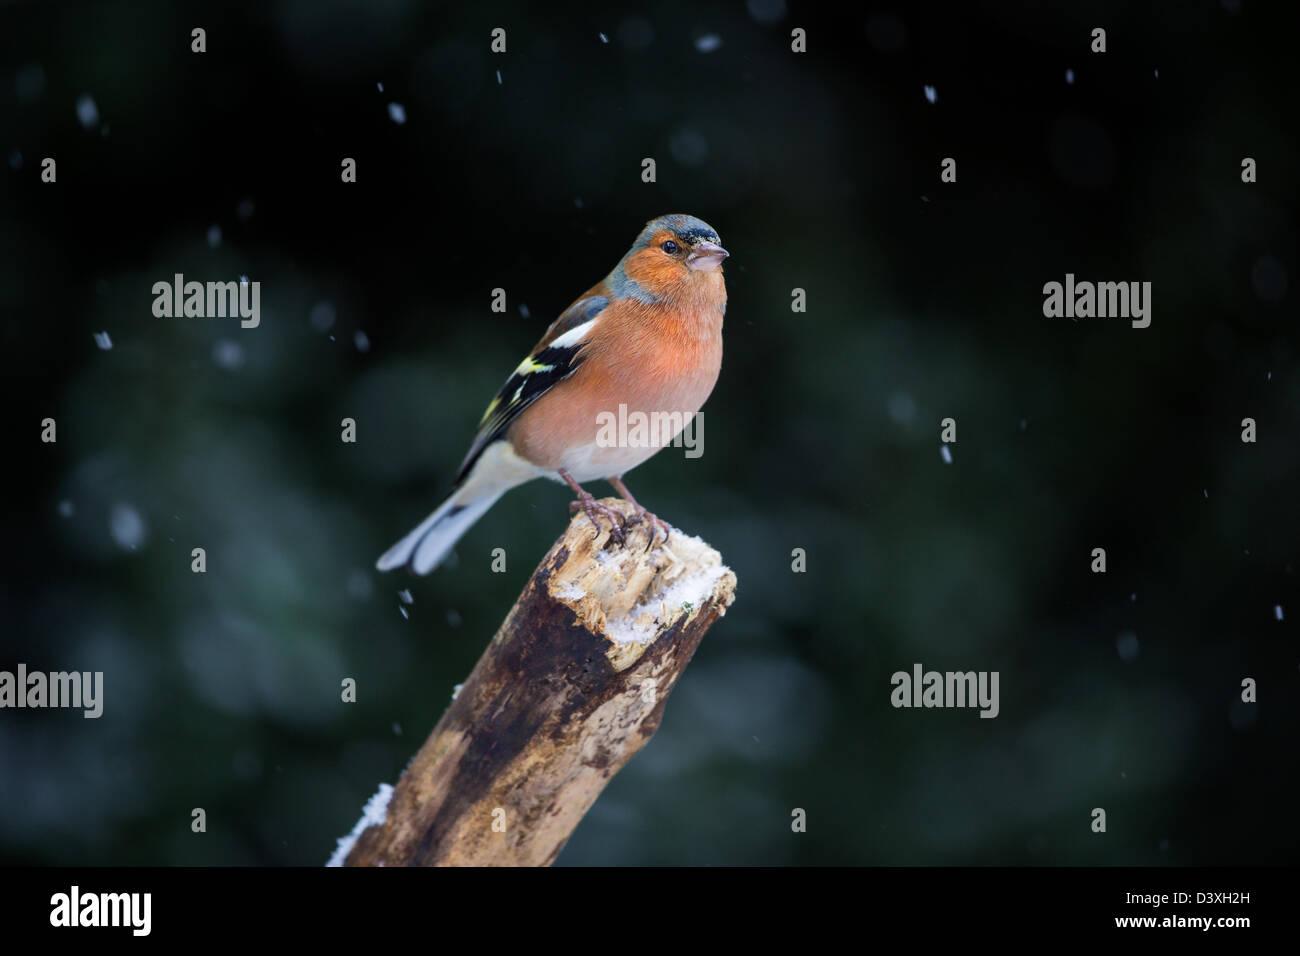 Männlichen Buchfinken (Fringilla Coelebs) thront auf einem alten Ast während eines Schneesturms. Stockbild